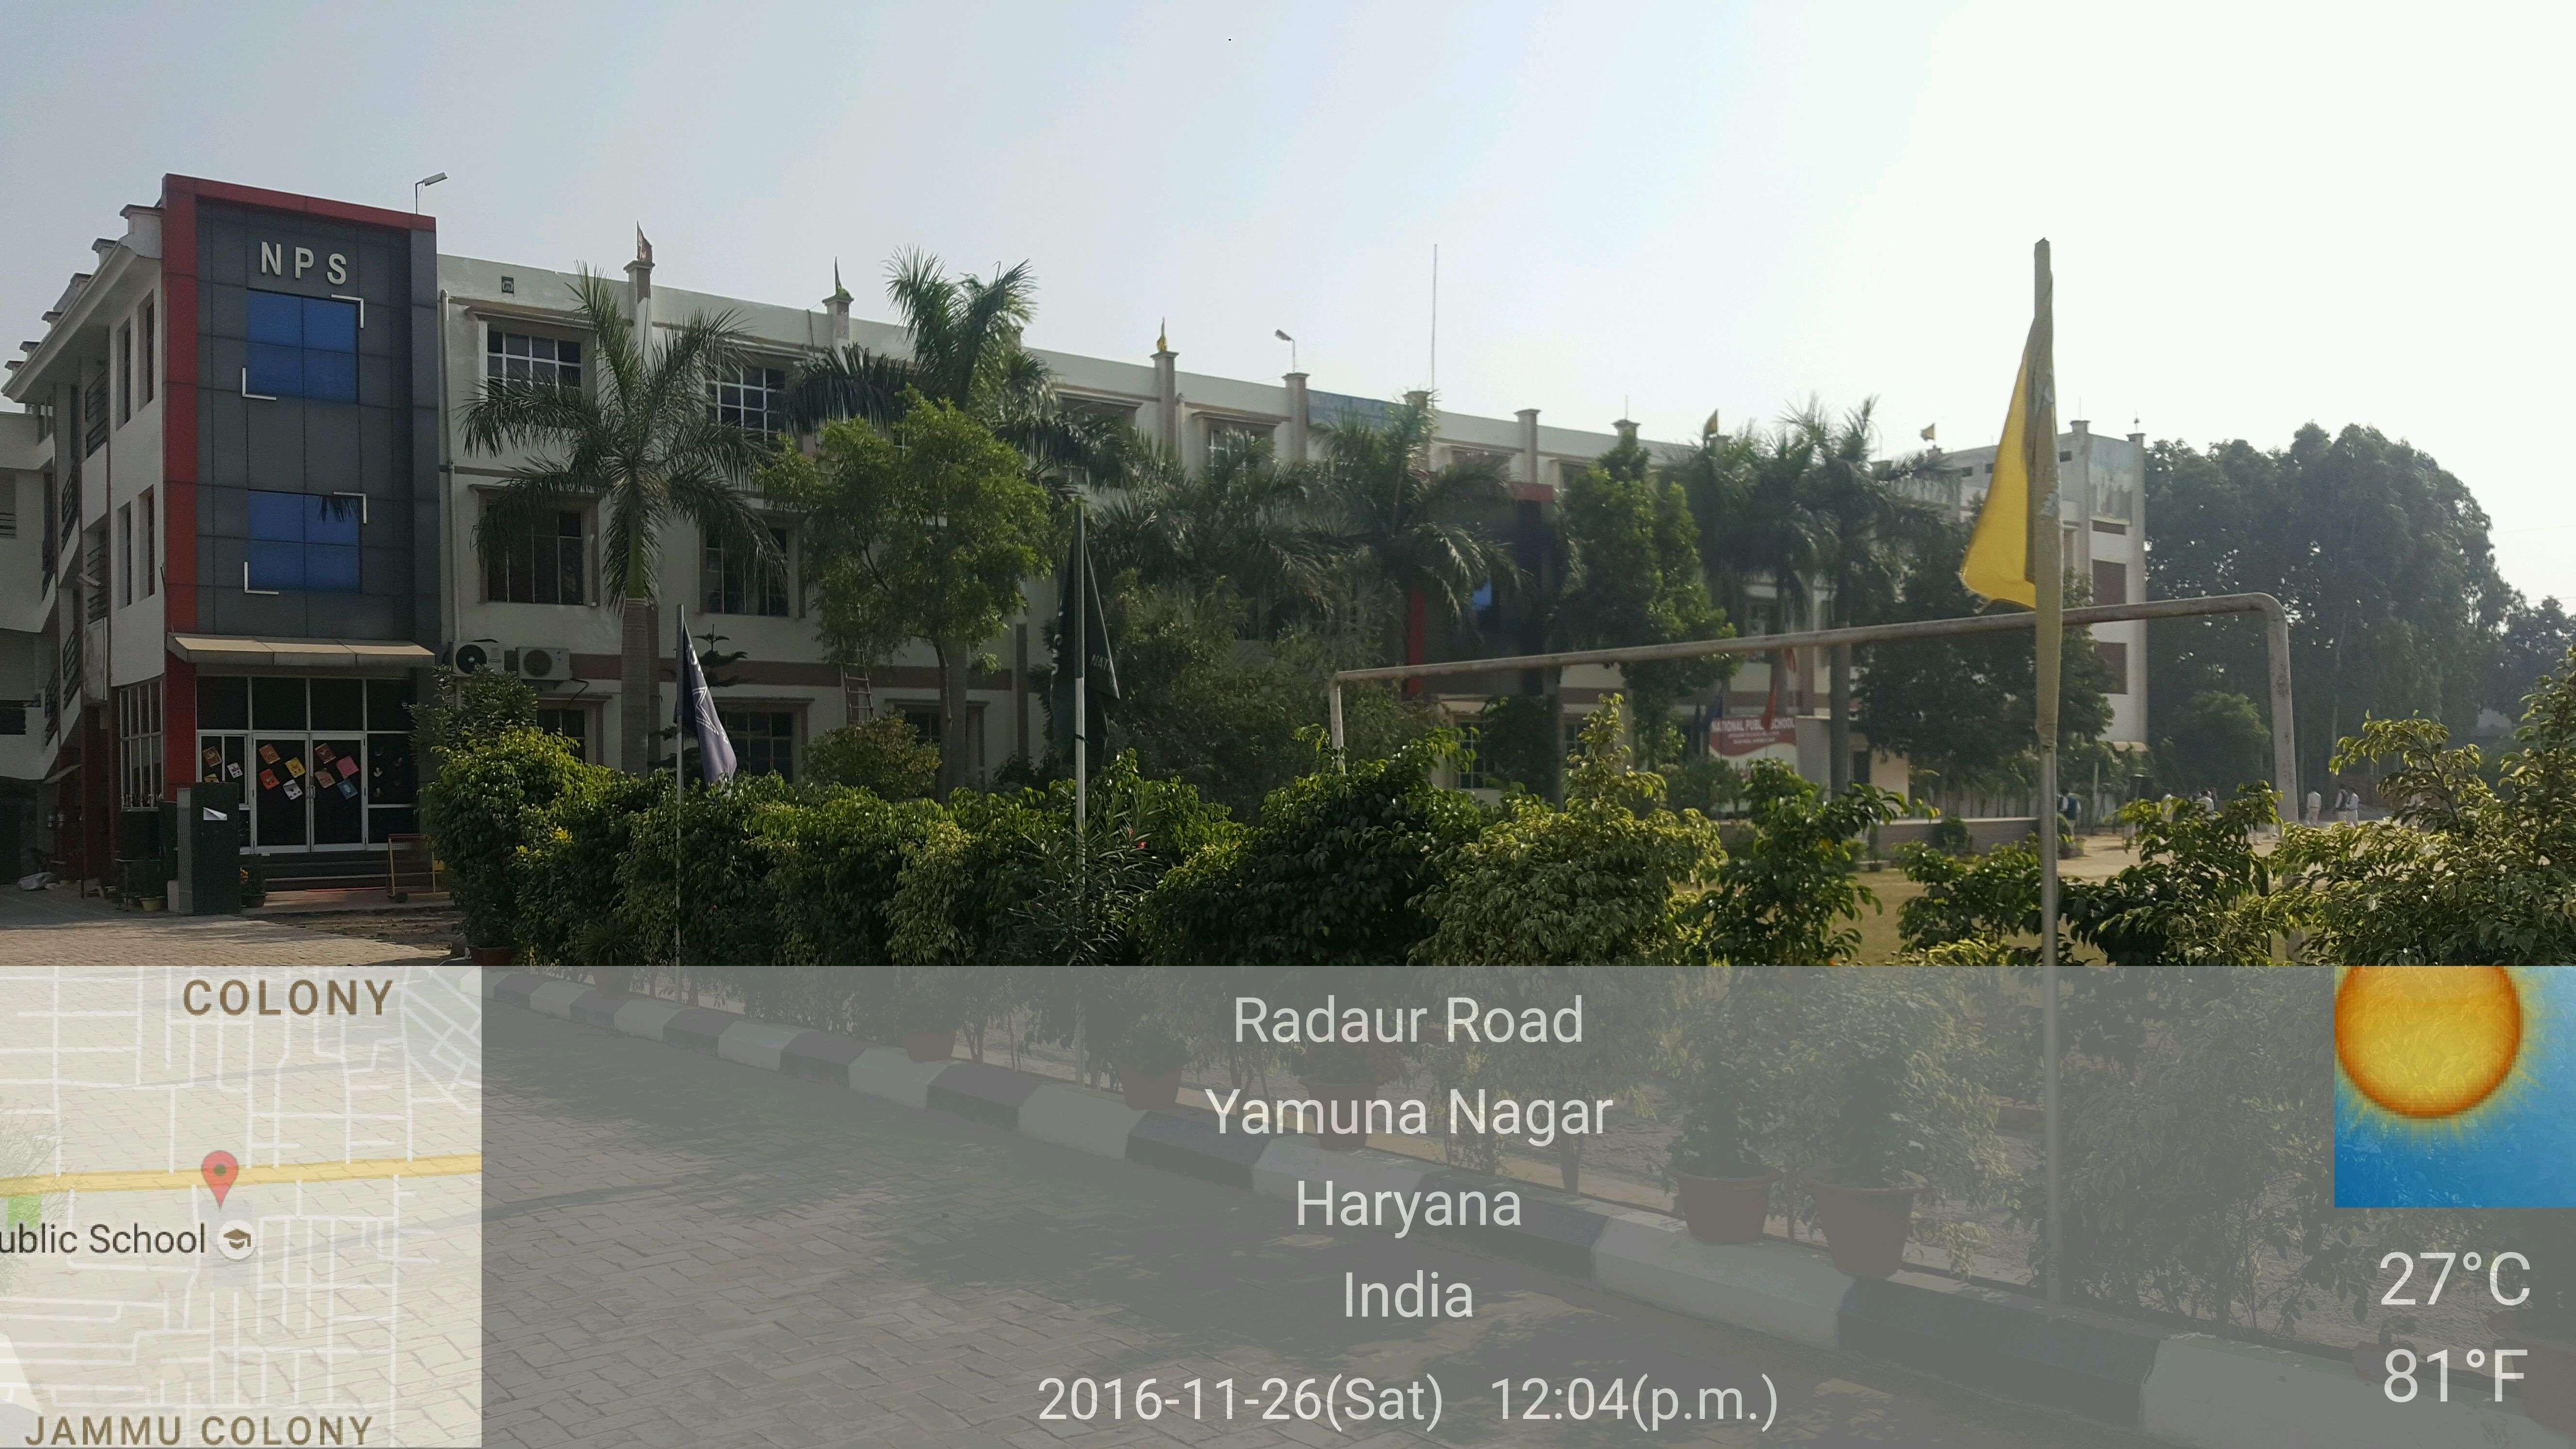 NATIONAL PUBLIC SCHOOL RADAUR ROAD YAMUNA NAGAR JAGADHARI HARYANA 530590